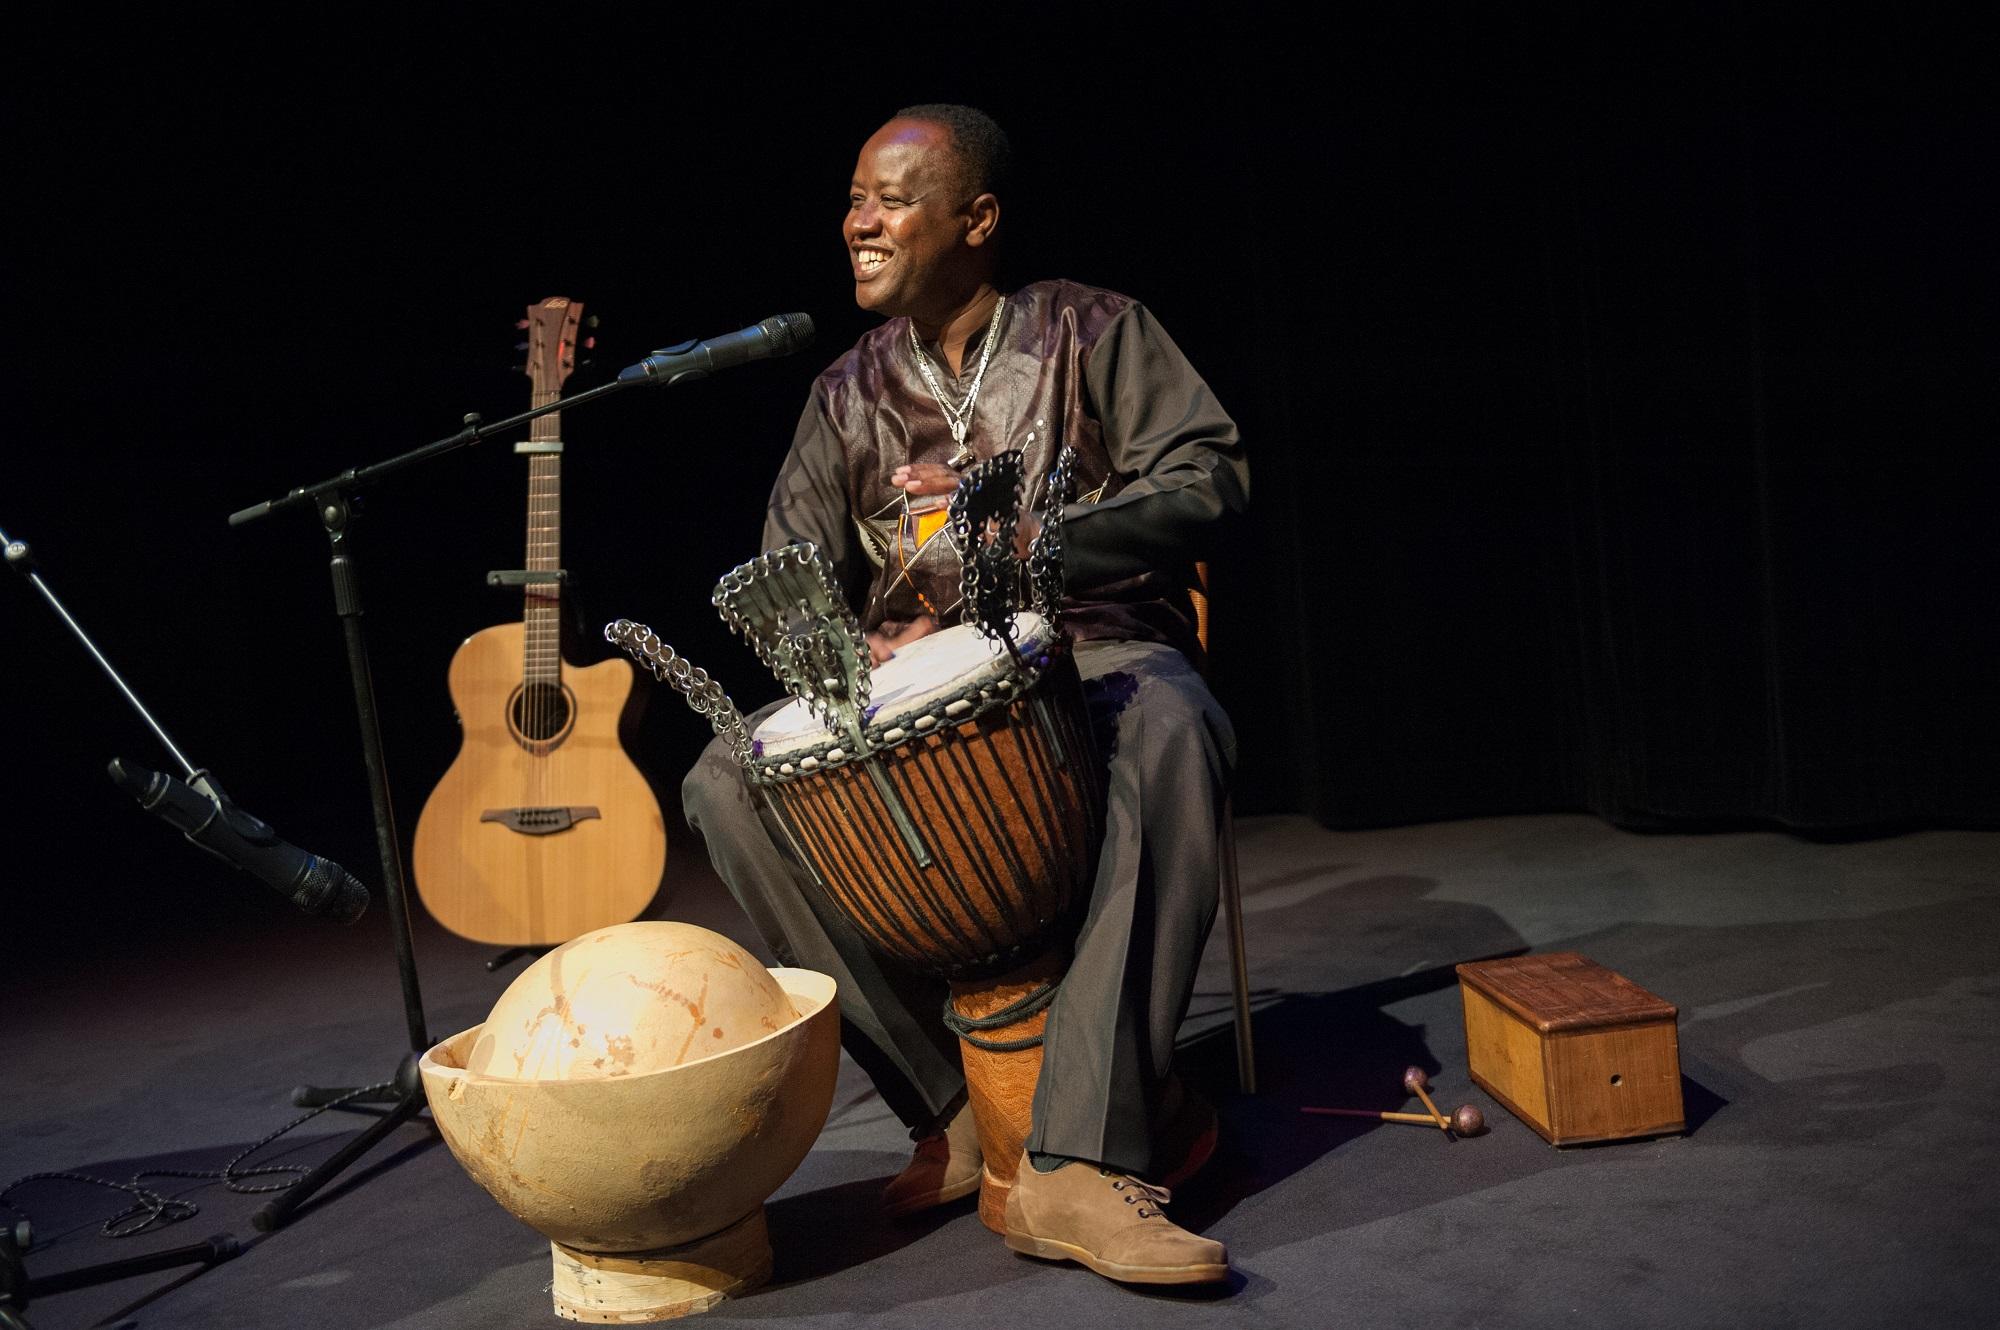 Les Contes et Musiques de la Téranga  